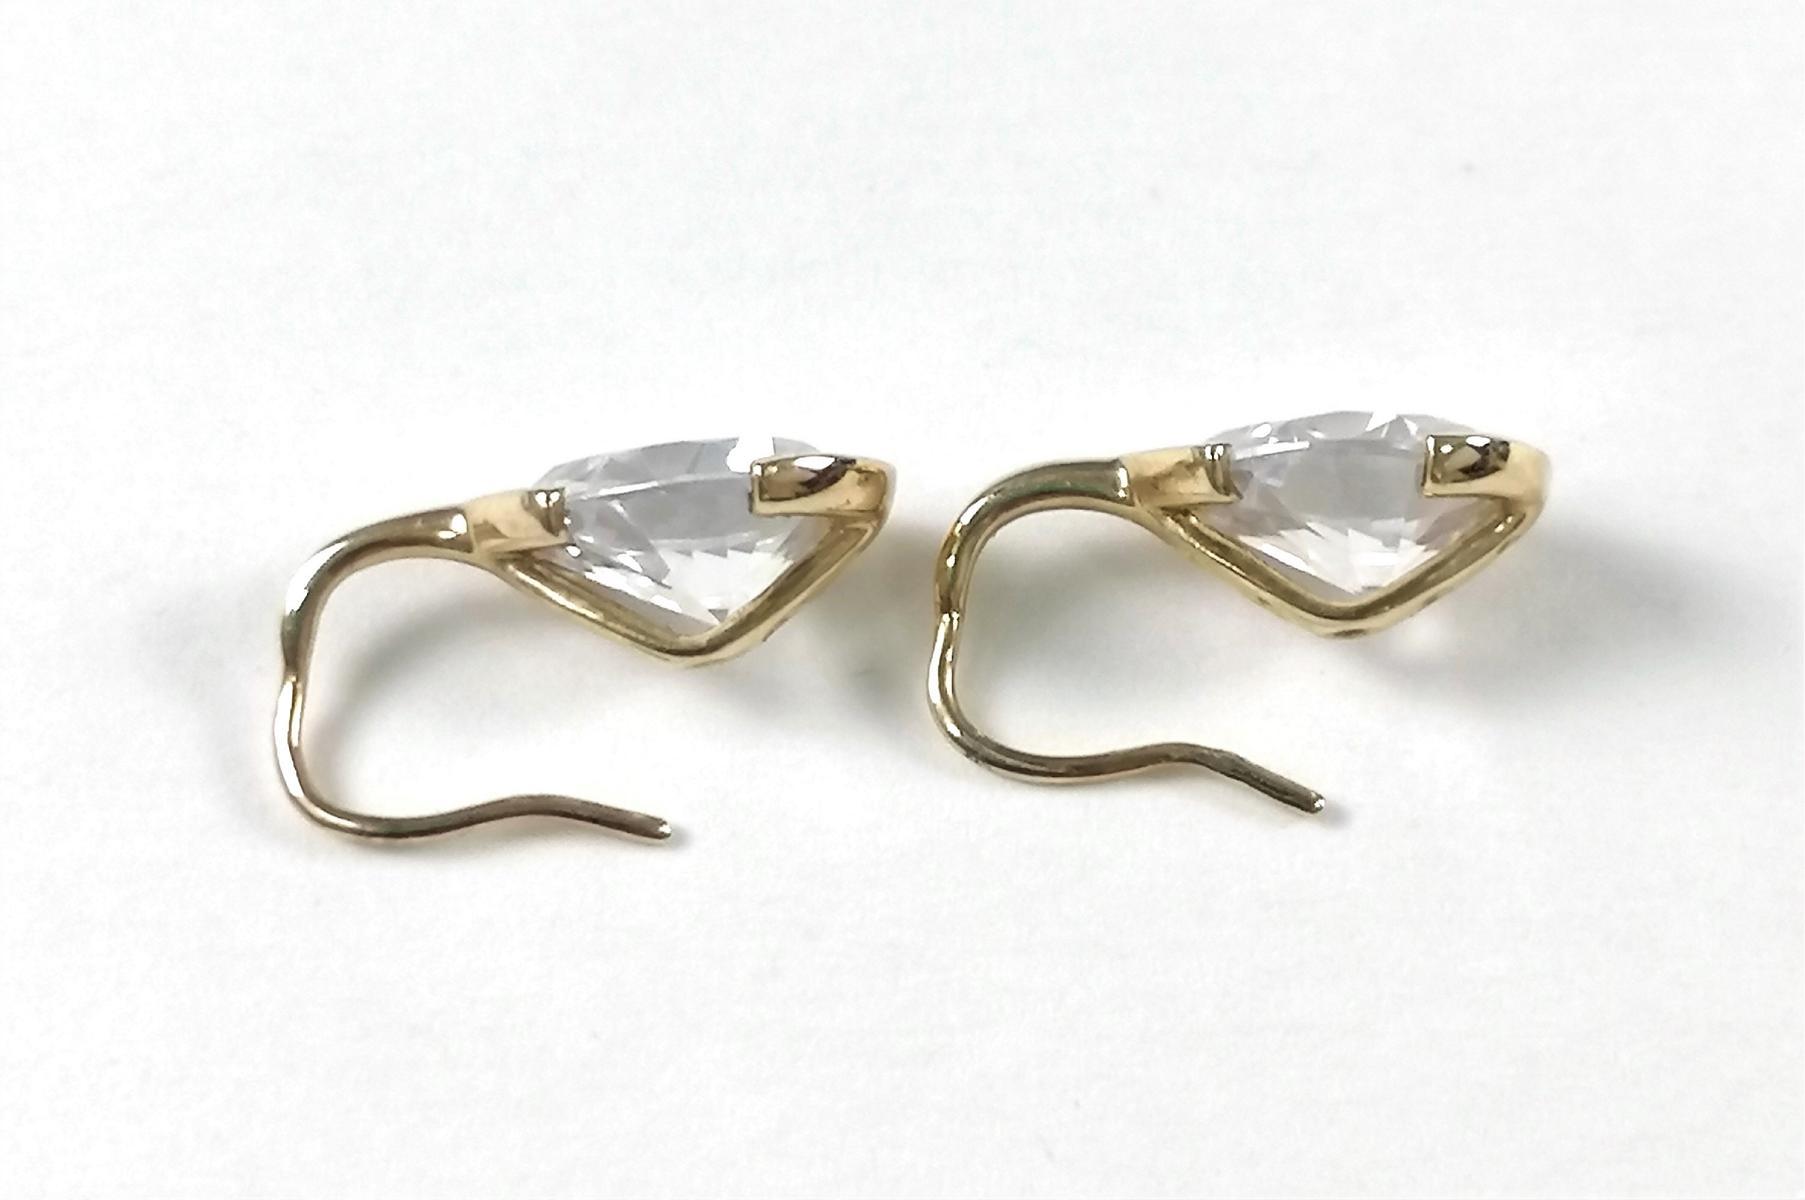 Ohrhänger aus 9 Karat Gelbgold mit Zirkonia-2